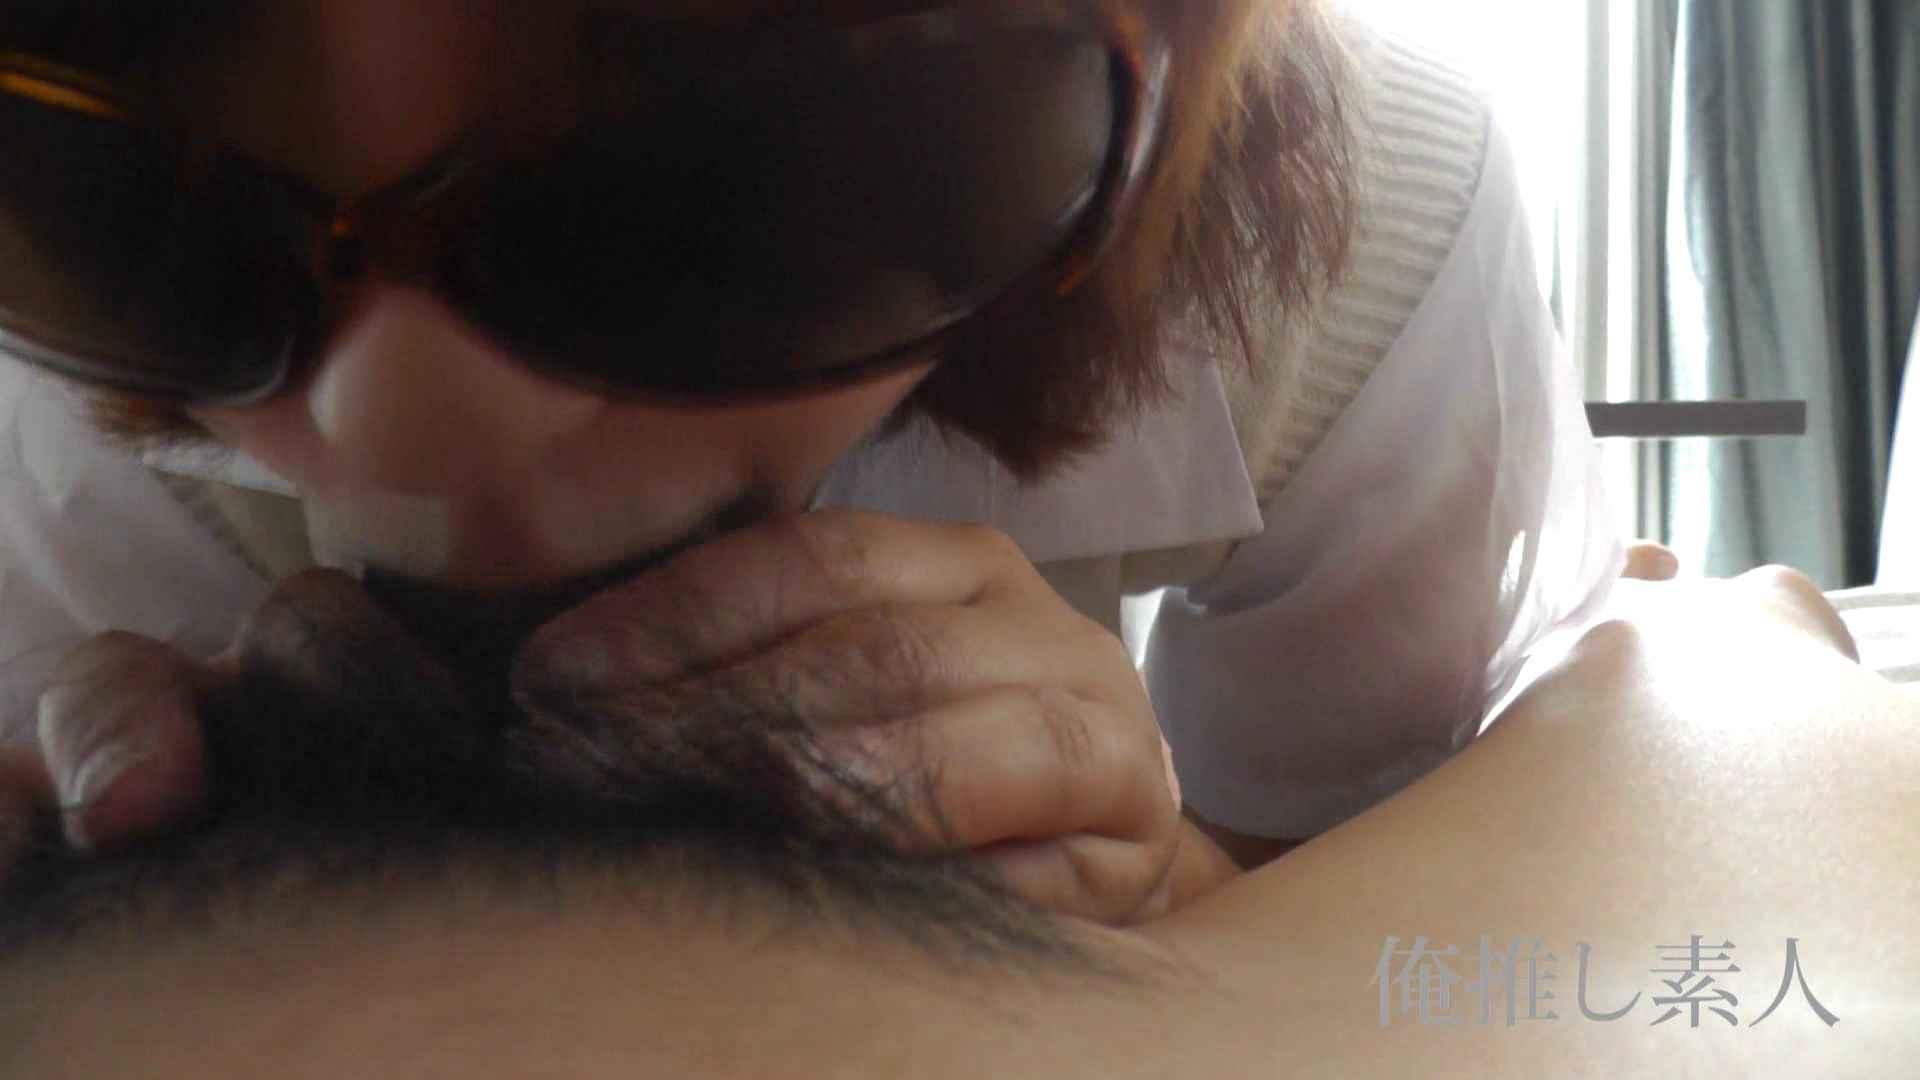 無修正エロ動画:俺推し素人 キャバクラ嬢26歳久美vol6:大奥